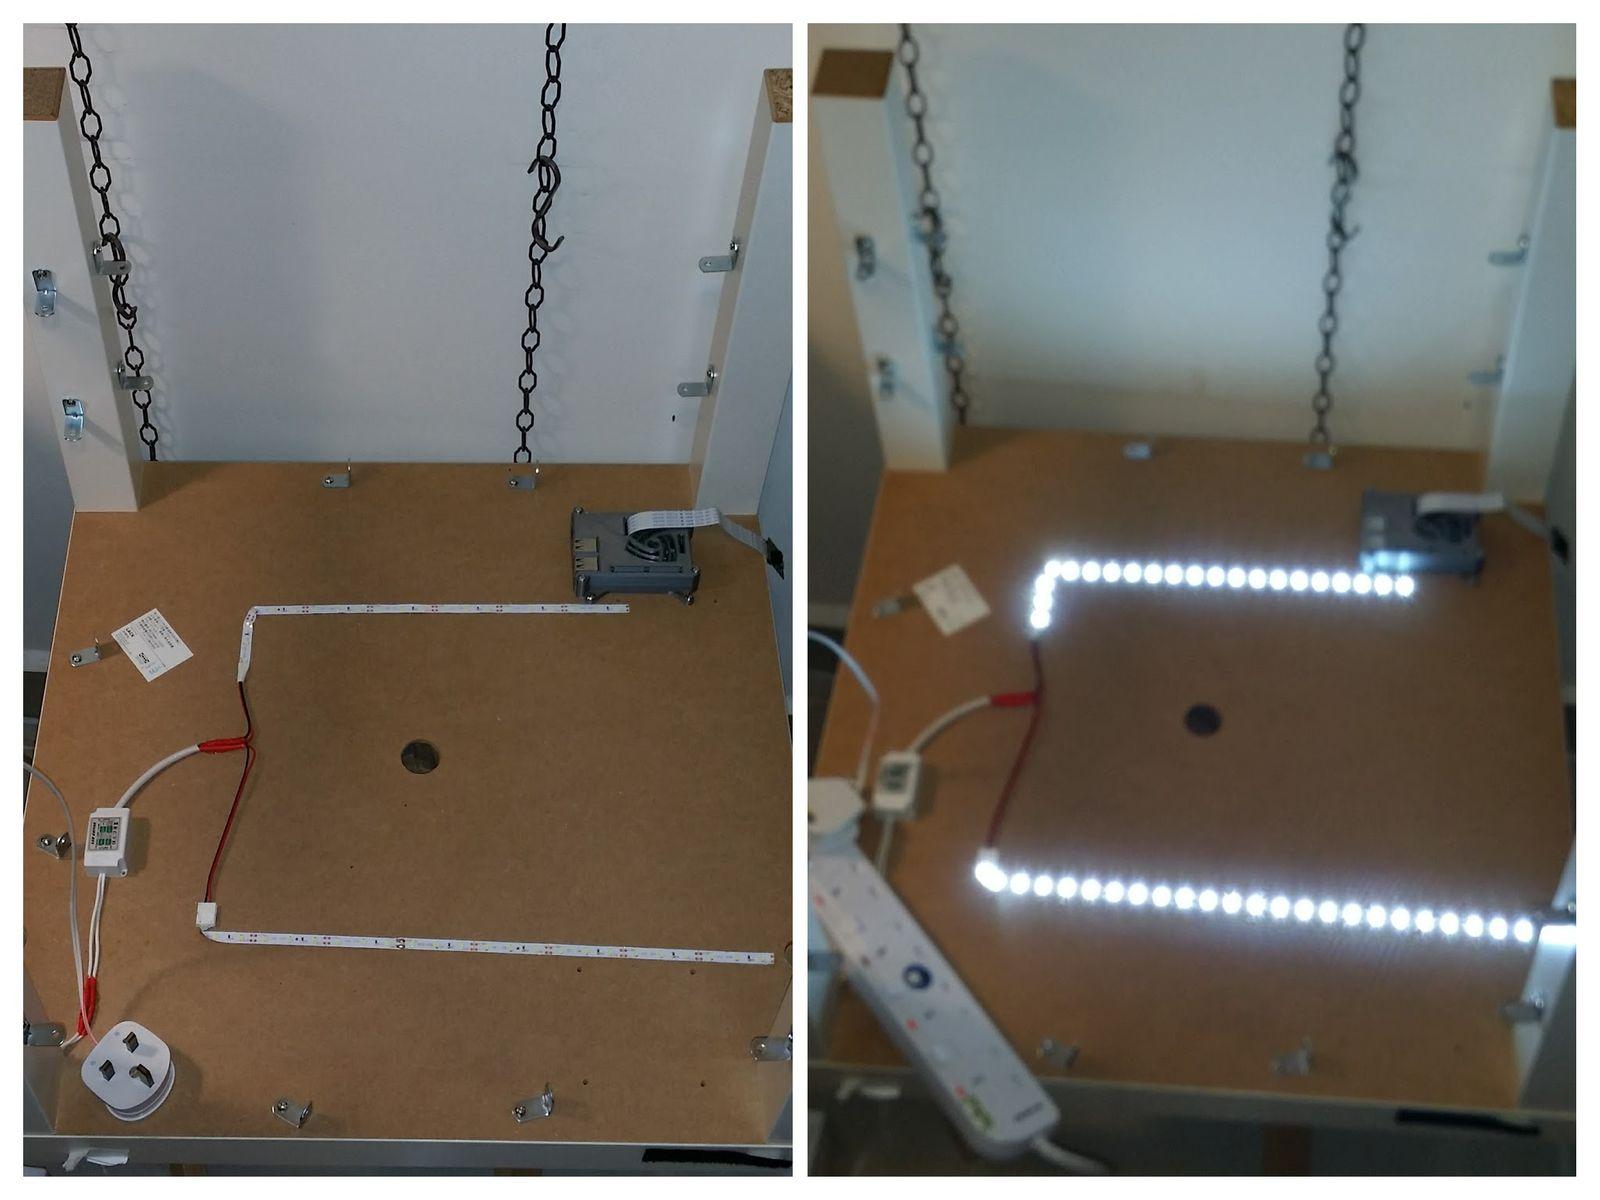 diy 3d printer enclosure repurposing